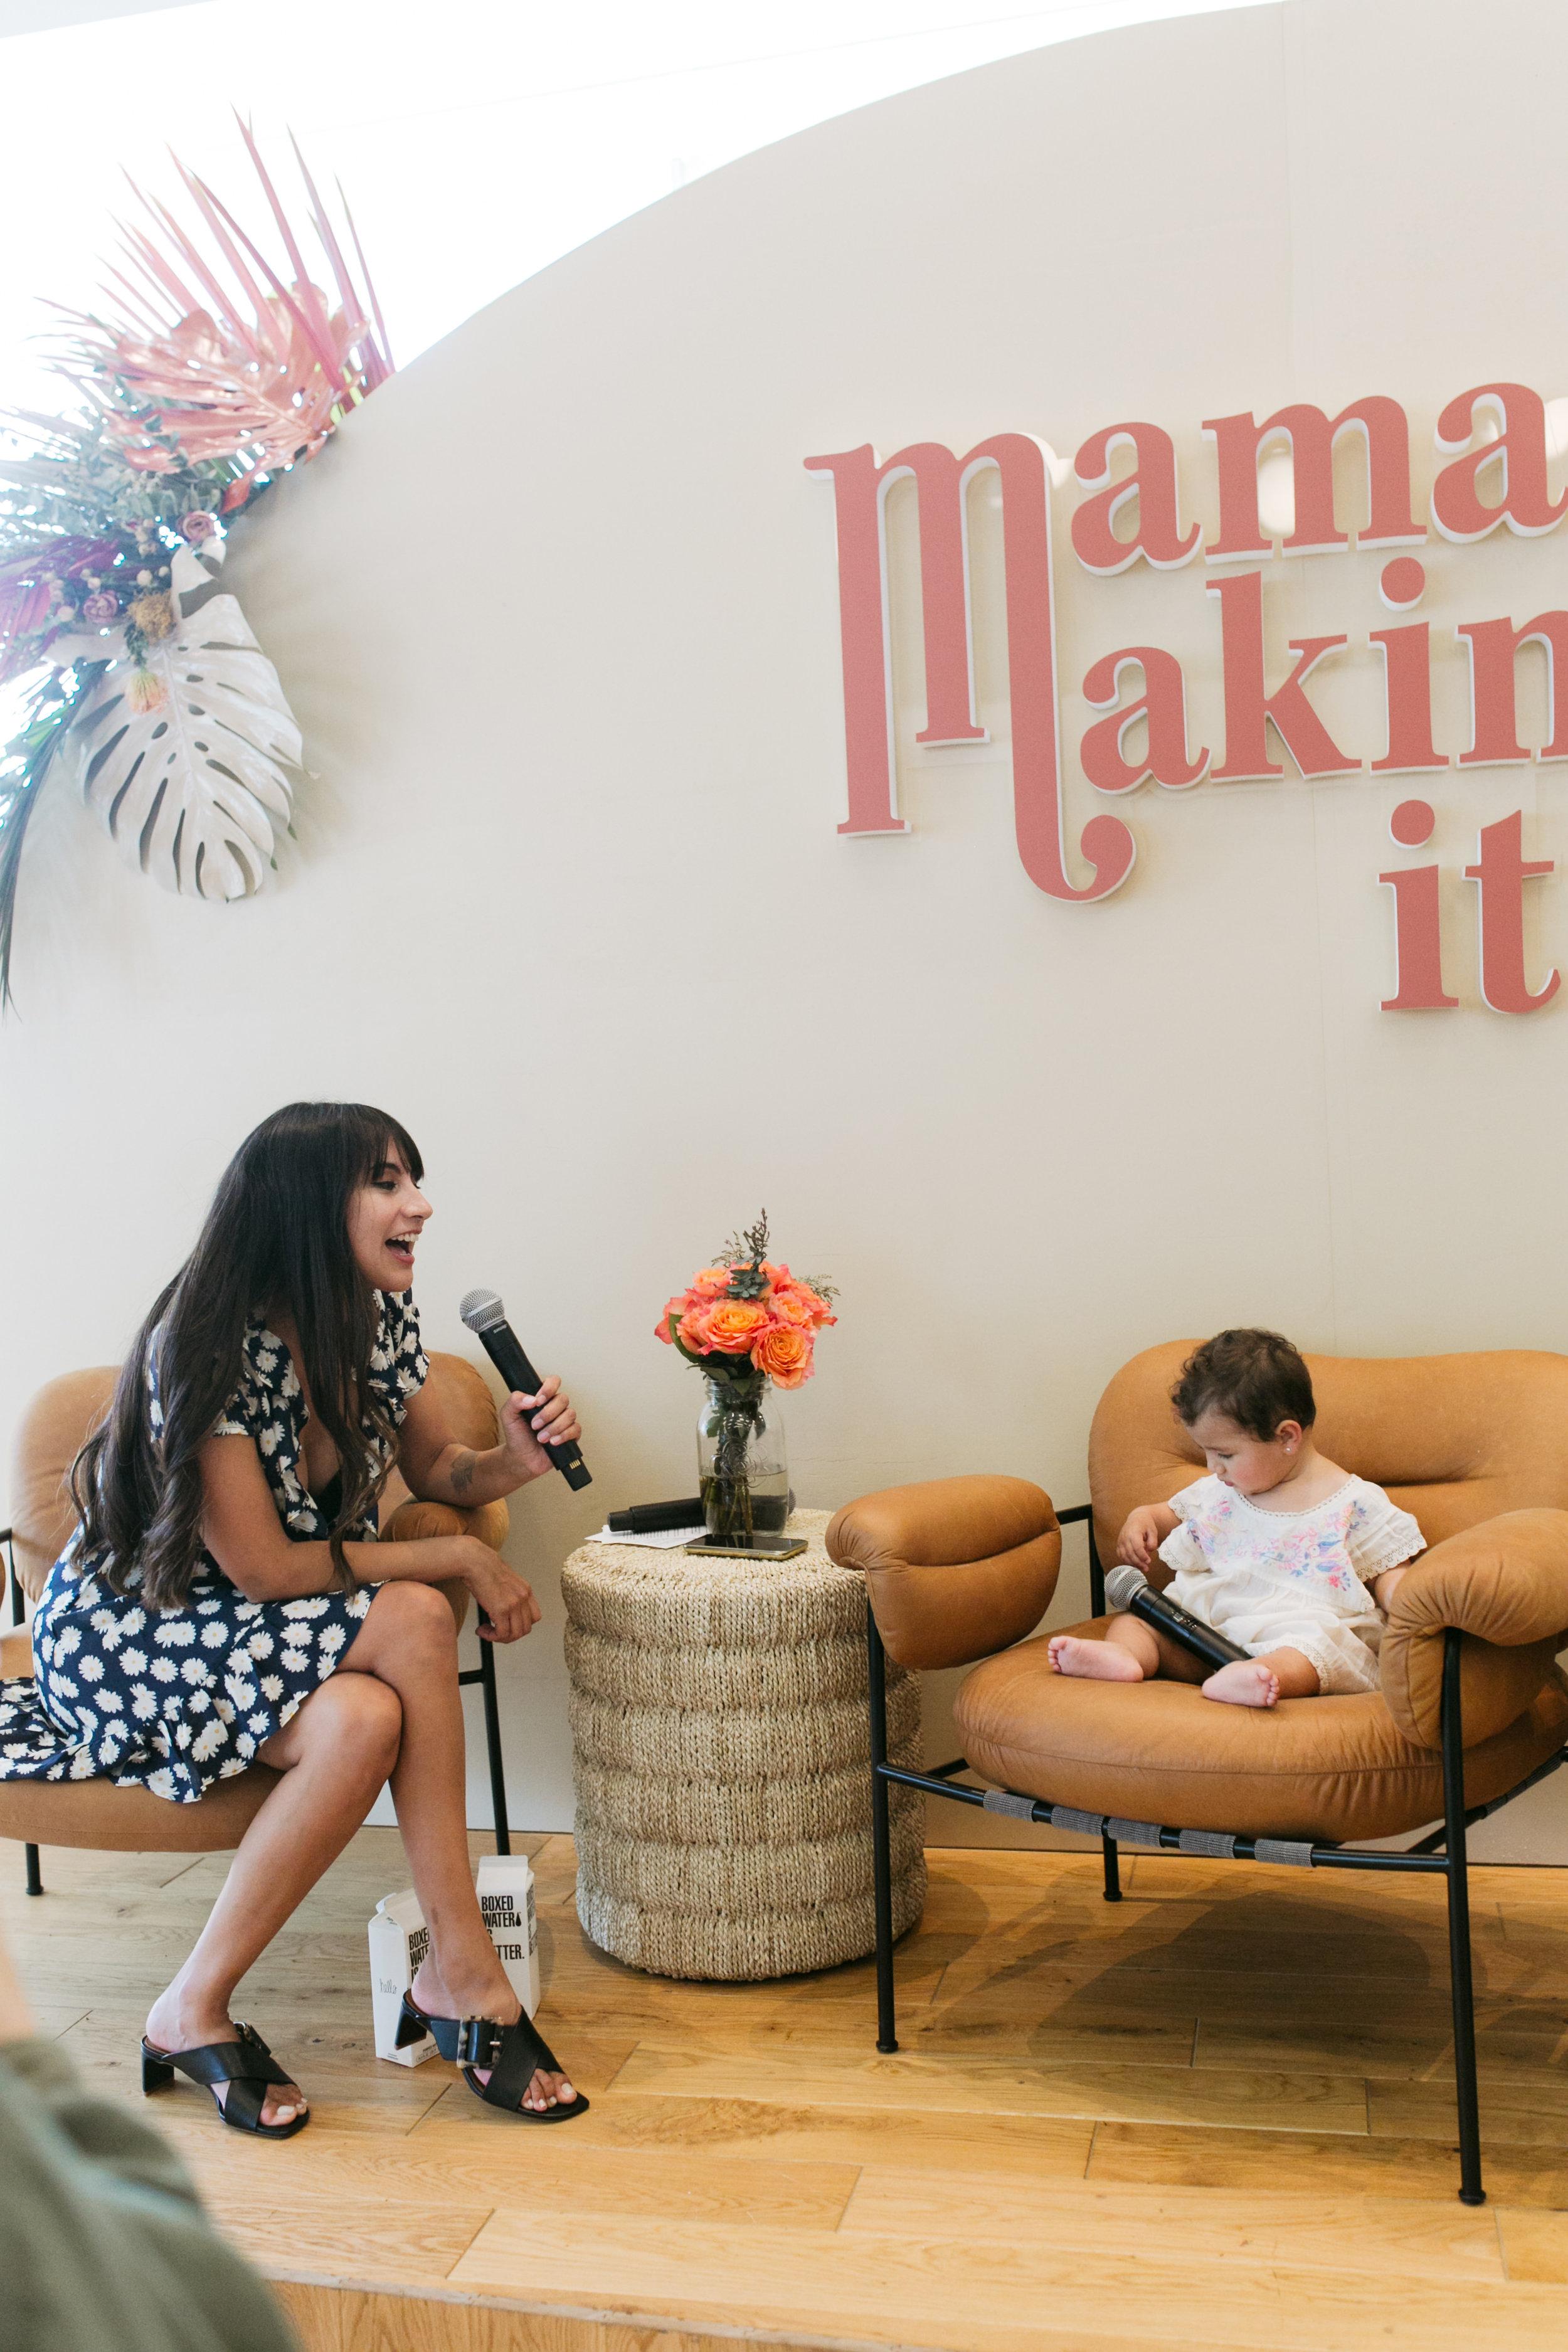 mamasmakingit-247.jpg